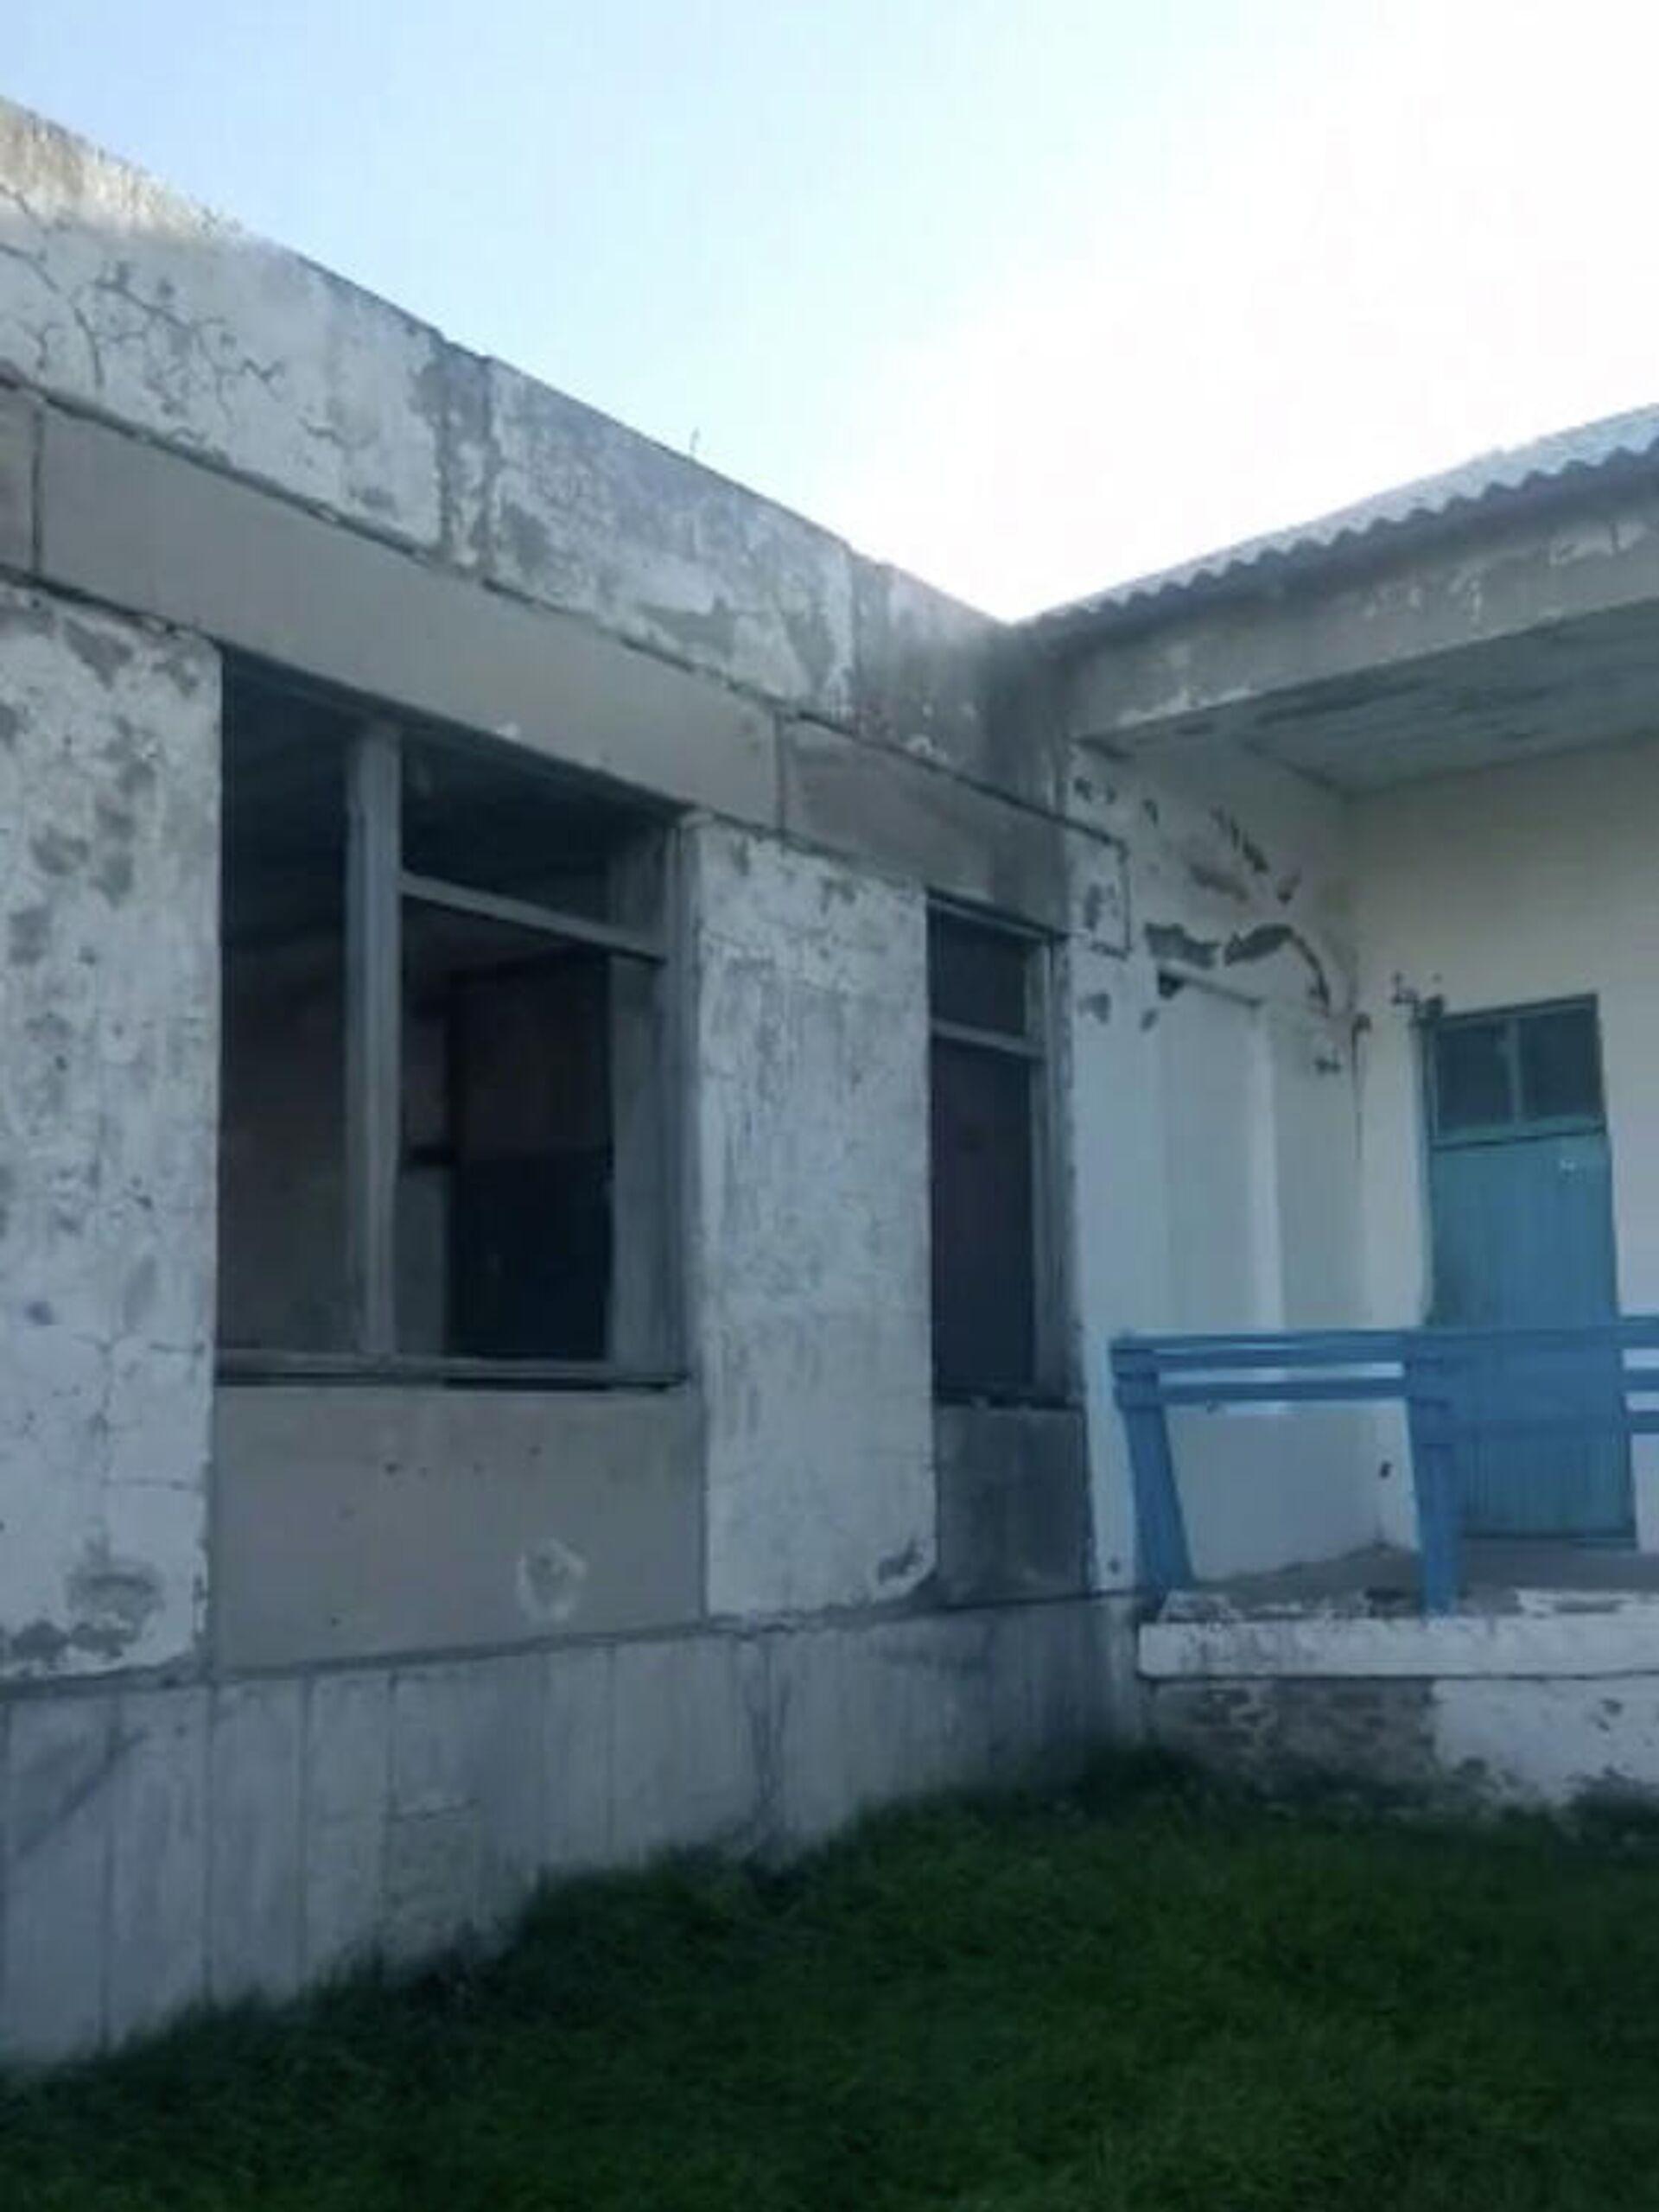 Соседнее крыло школы заброшено - РИА Новости, 1920, 05.02.2021